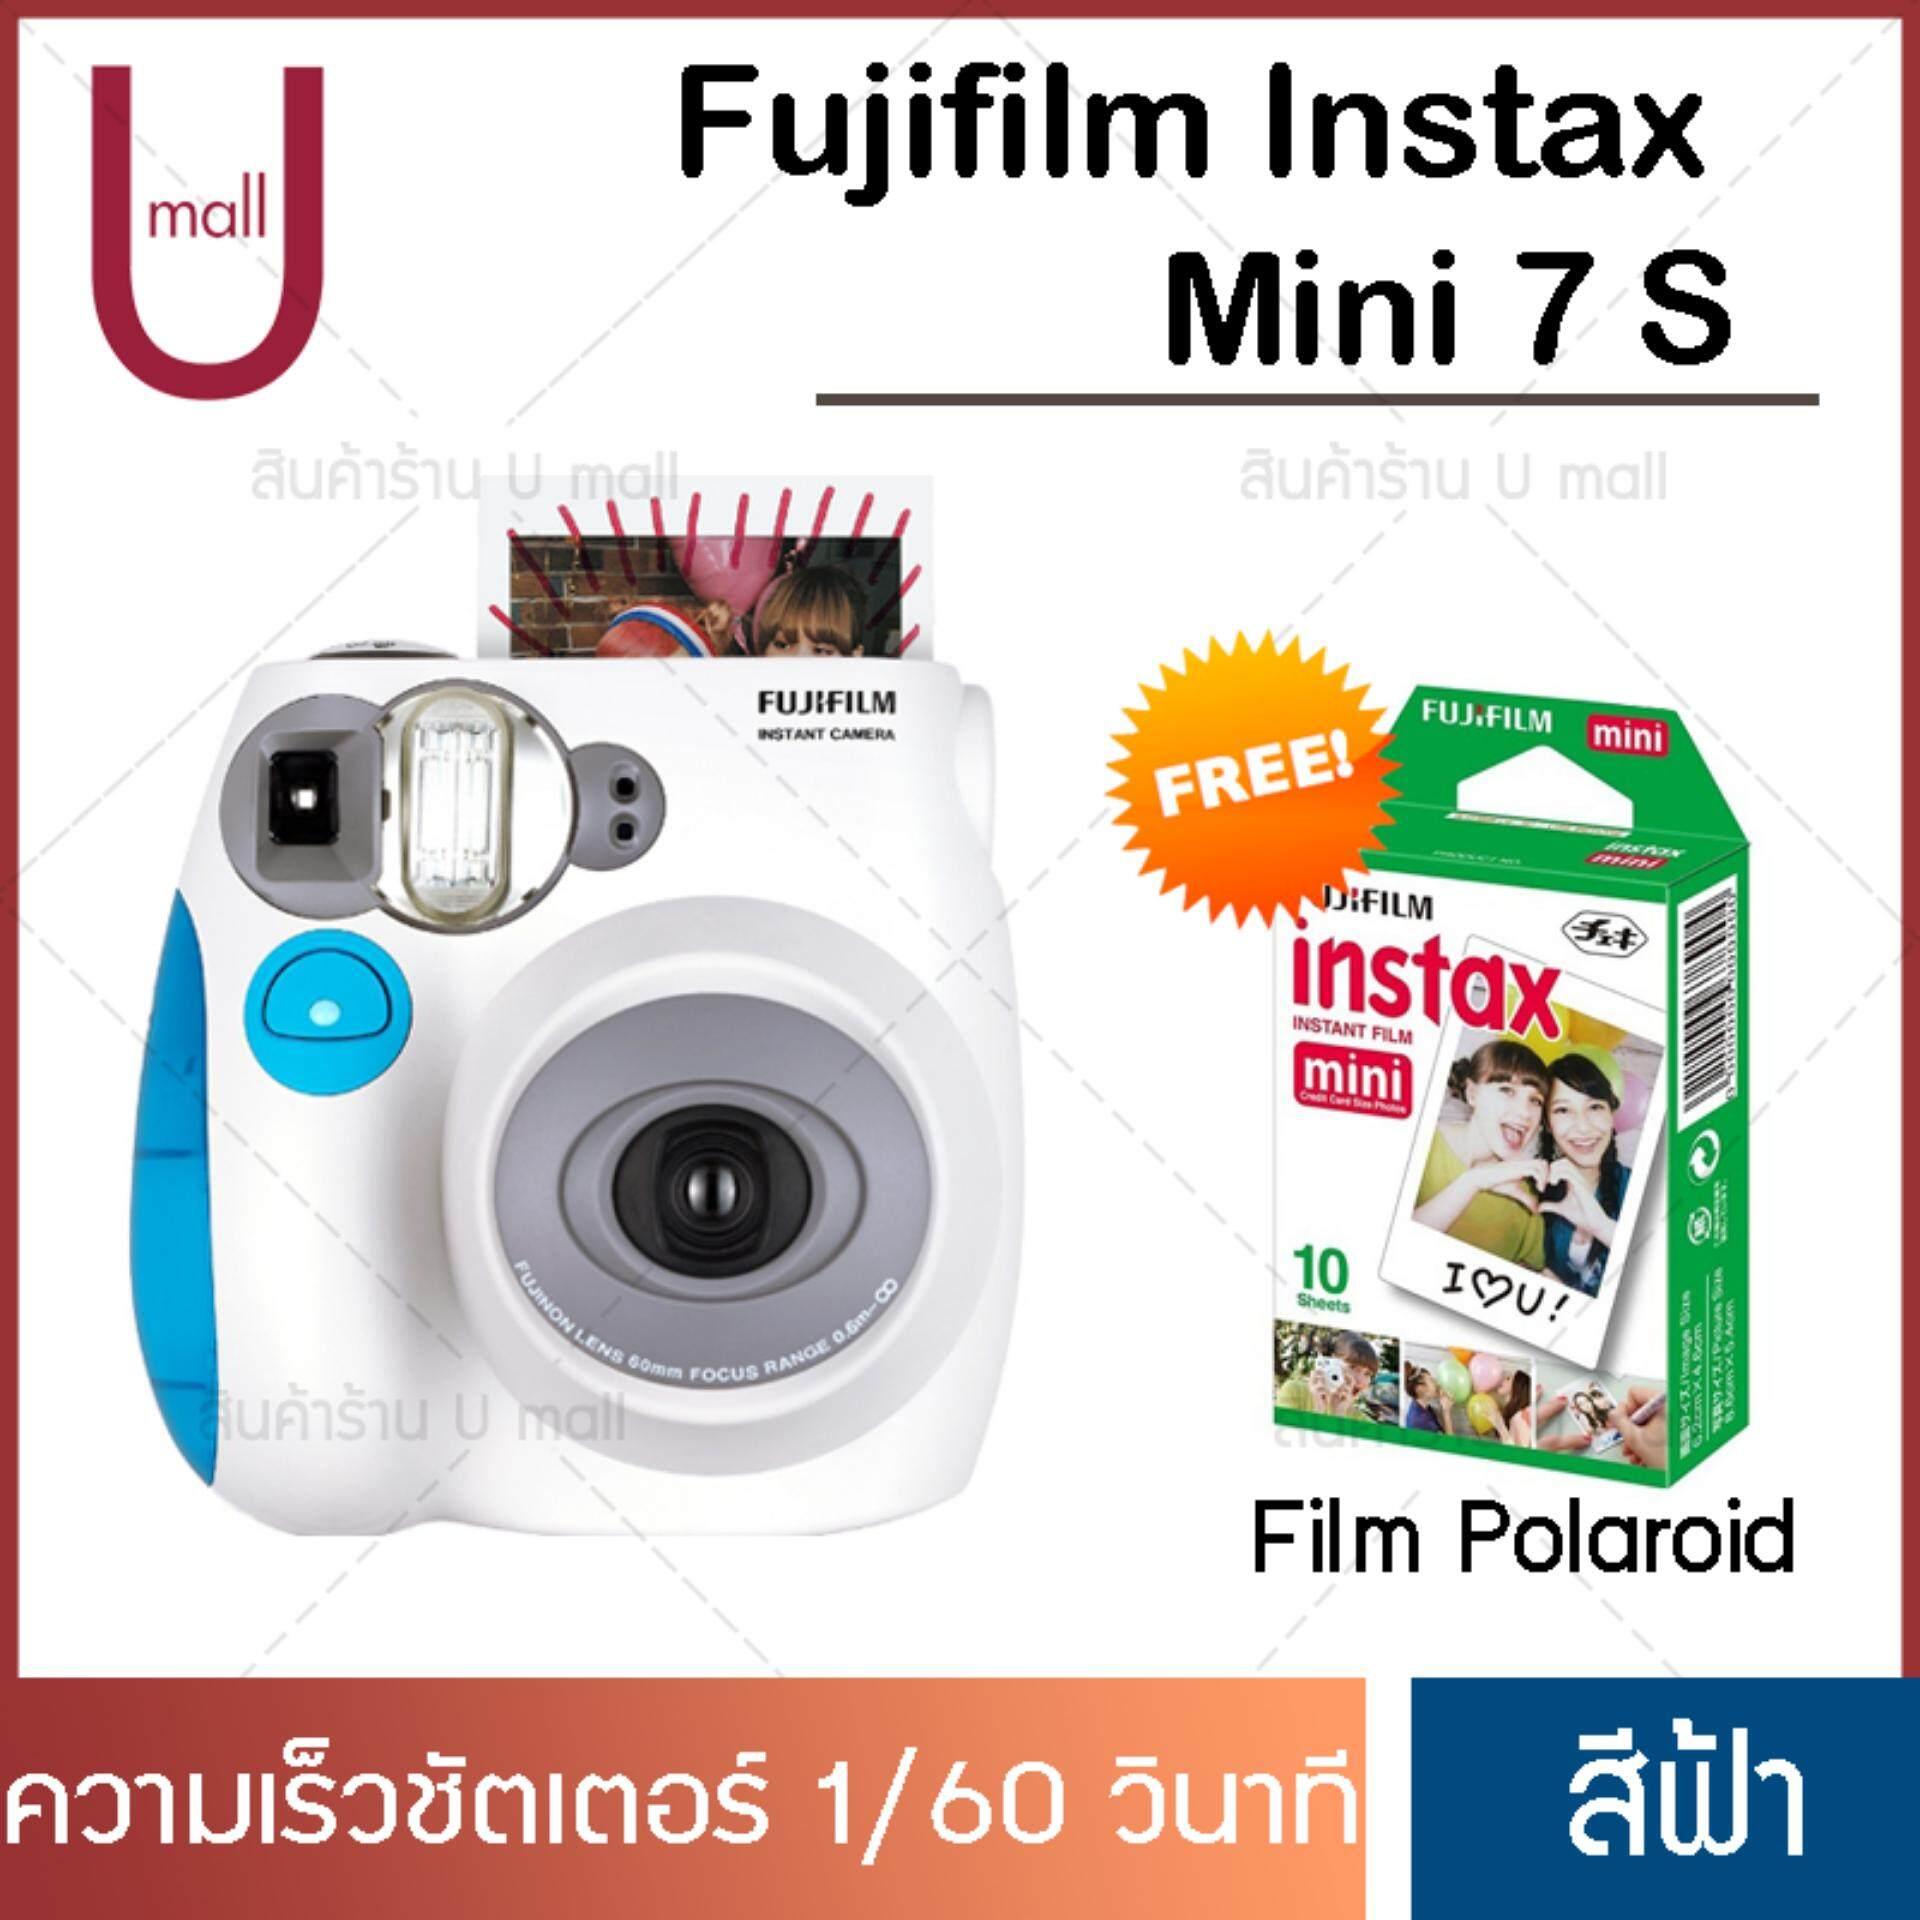 กล้องถ่ายรูป กล้องฟิล์ม กล้องอินสแตนท์ ถ่ายปุ๊ป ได้รูปปั๊ป Instax Mini 7 S กล้องโพลารอยด์ Polaroid Camera U Mall.